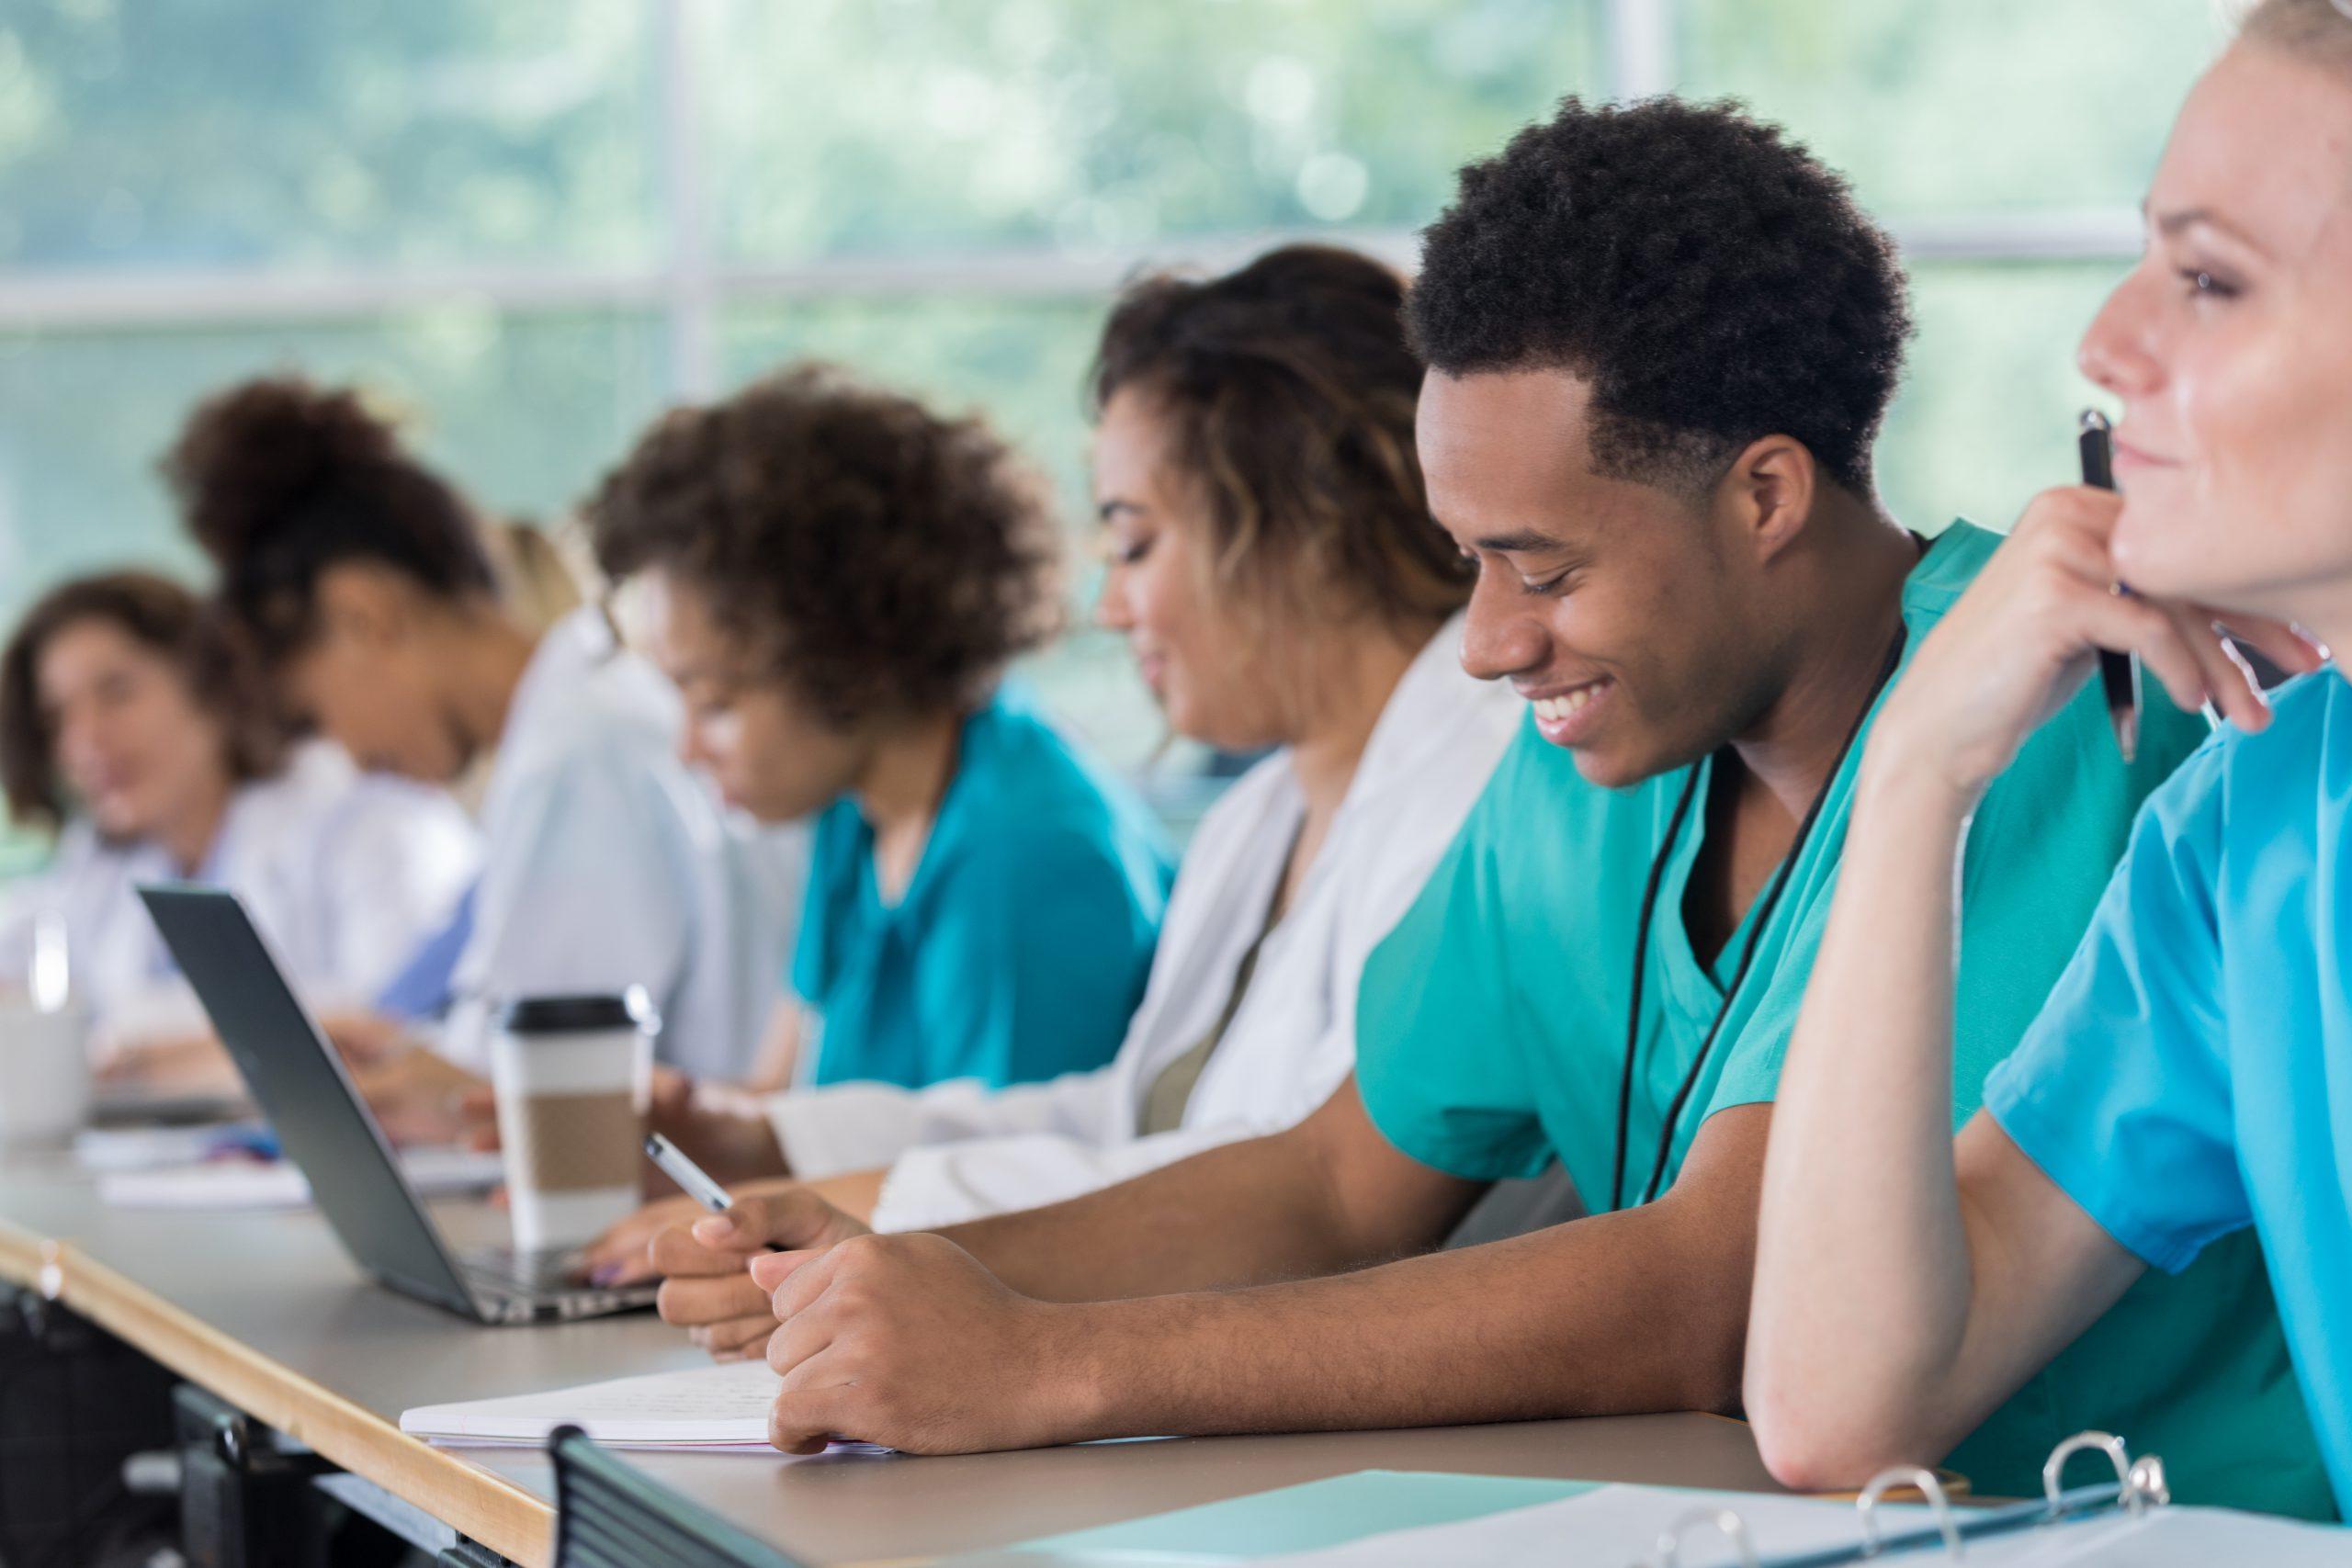 Weiterbildung im Gesundheitswesen: Warum ist 'lebenslanges Lernen' im Krankenhaus wichtig?